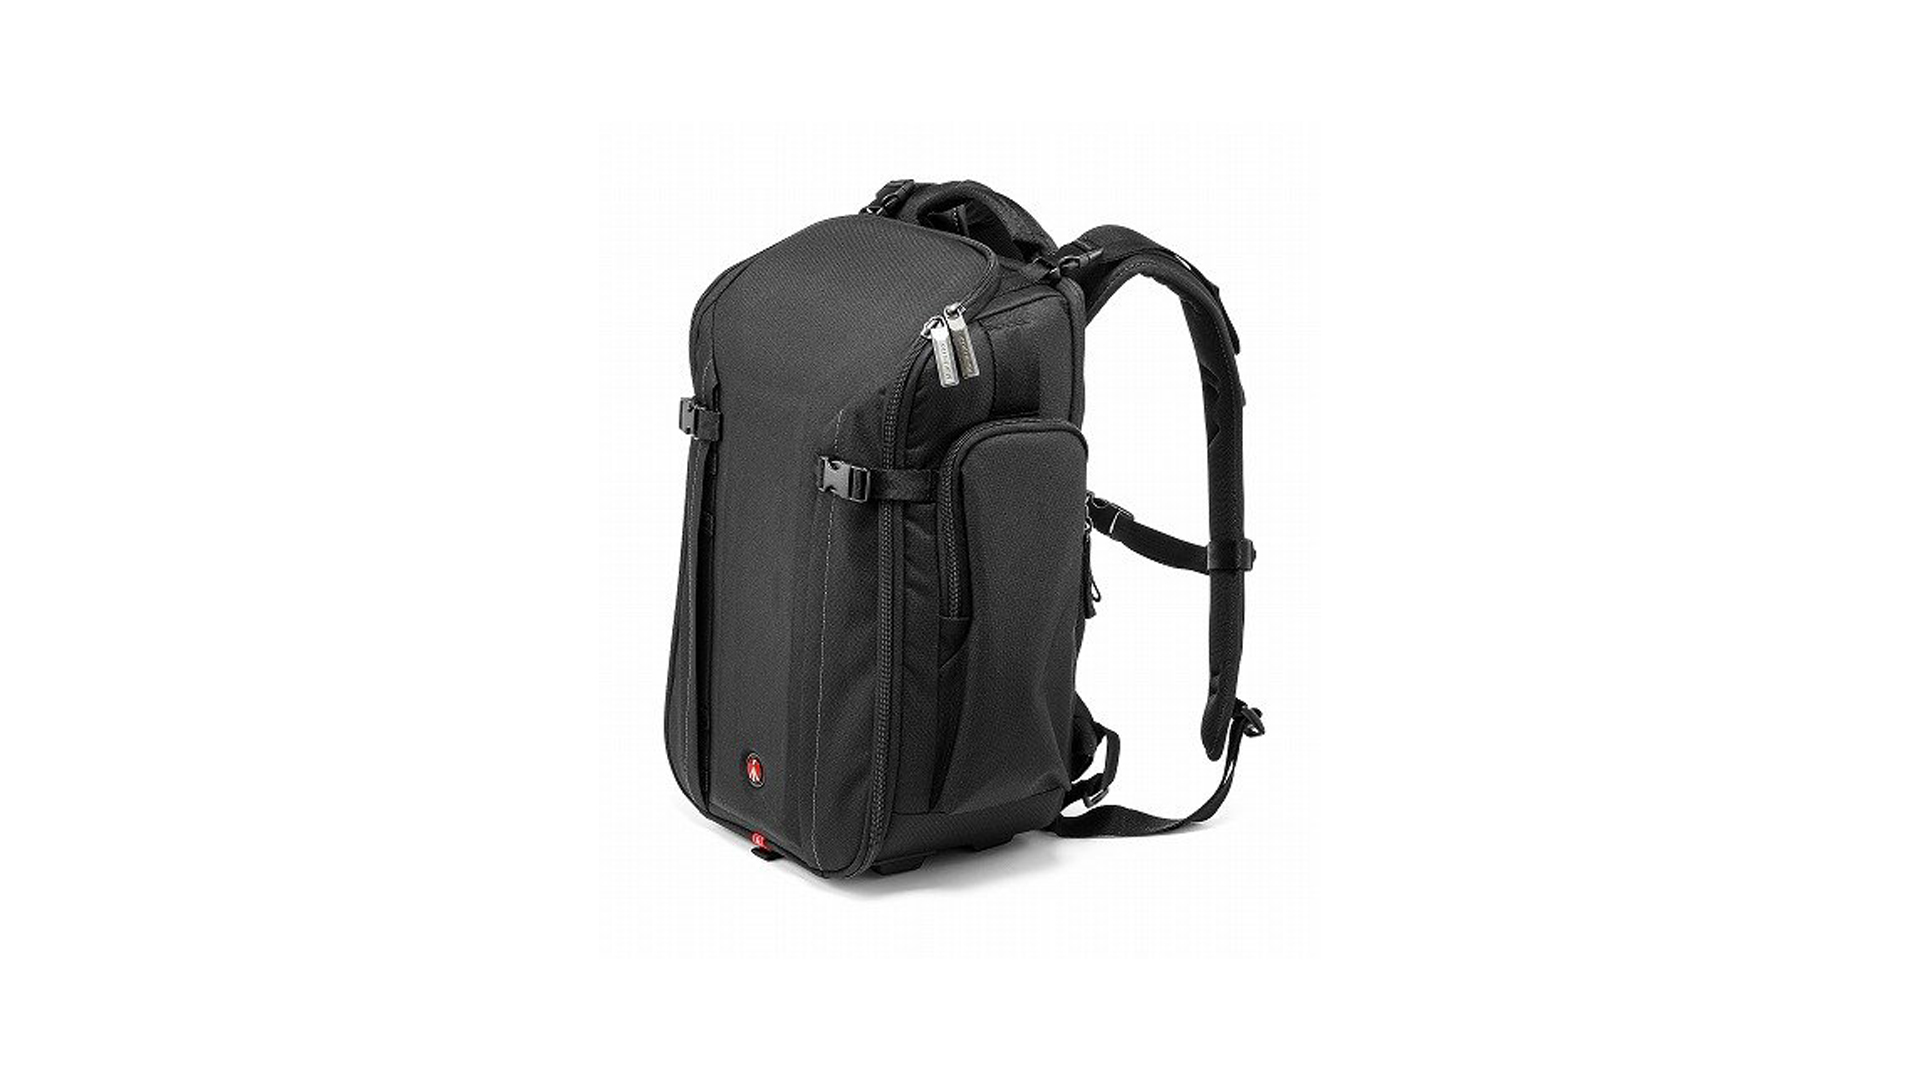 Manfrotto MB MP BP 20BB   Zaino Manfrotto Pro 20 per laptop, reflex, obiettivi   Zaini